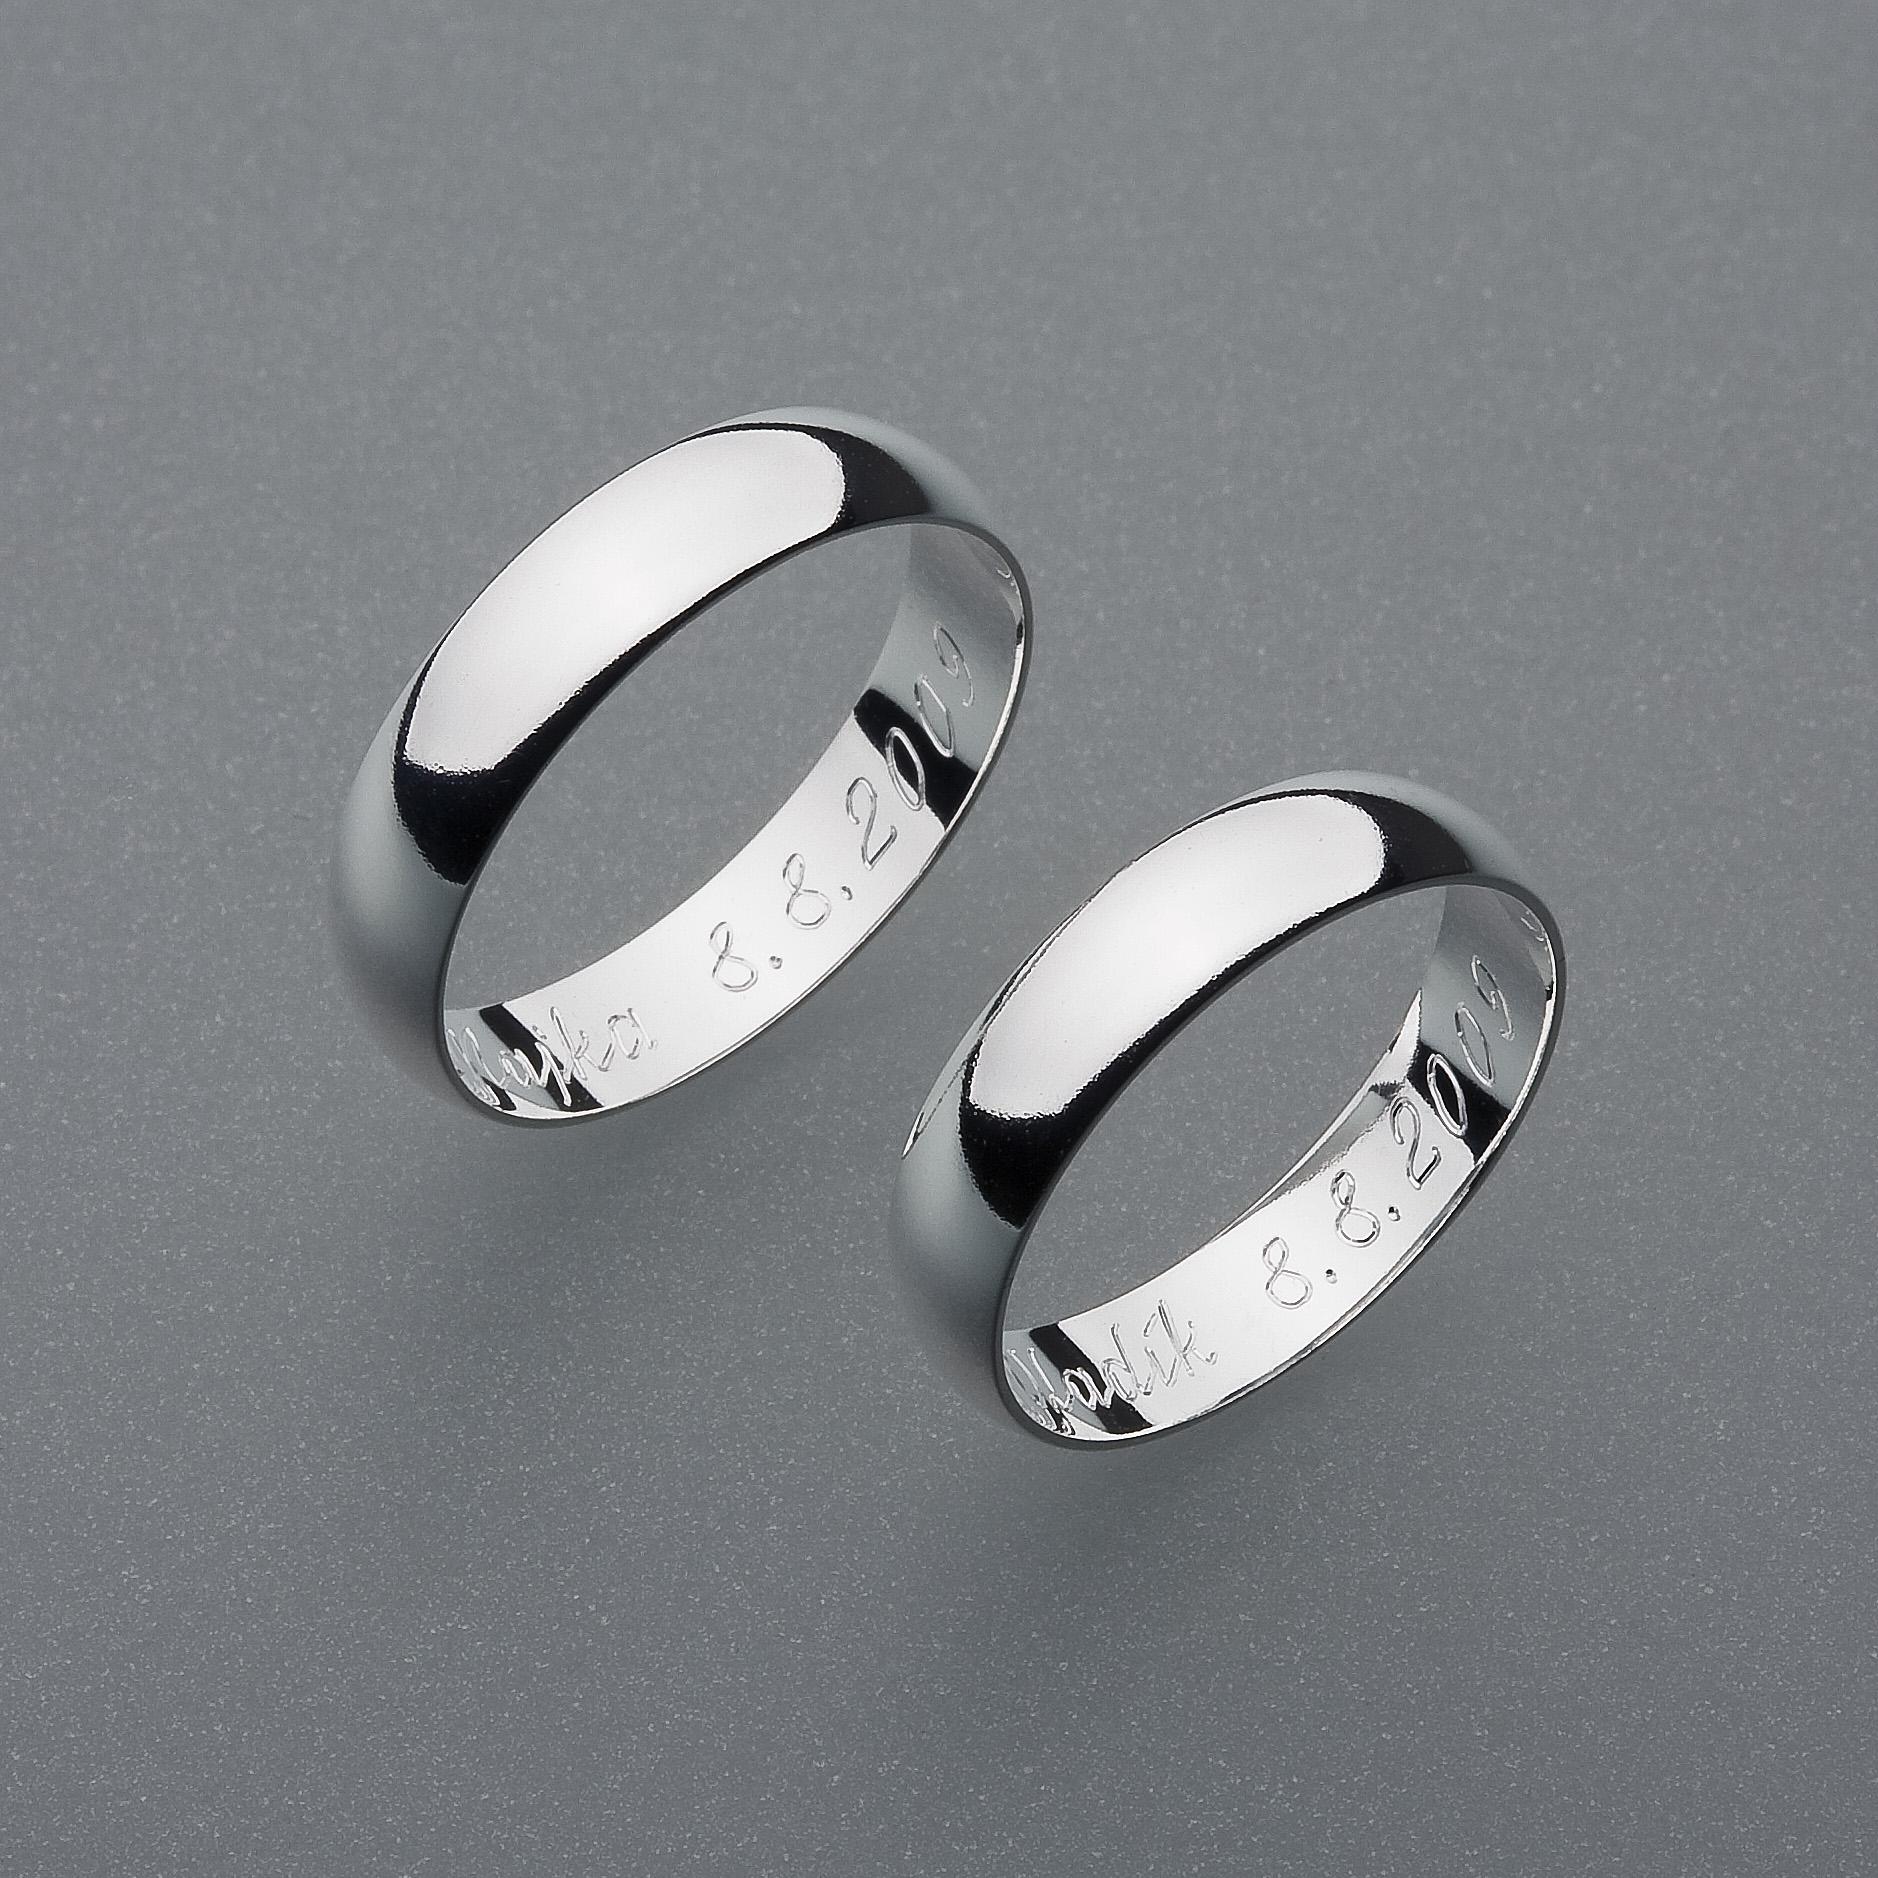 Stribrne Snubni Prsteny Vzor Z1